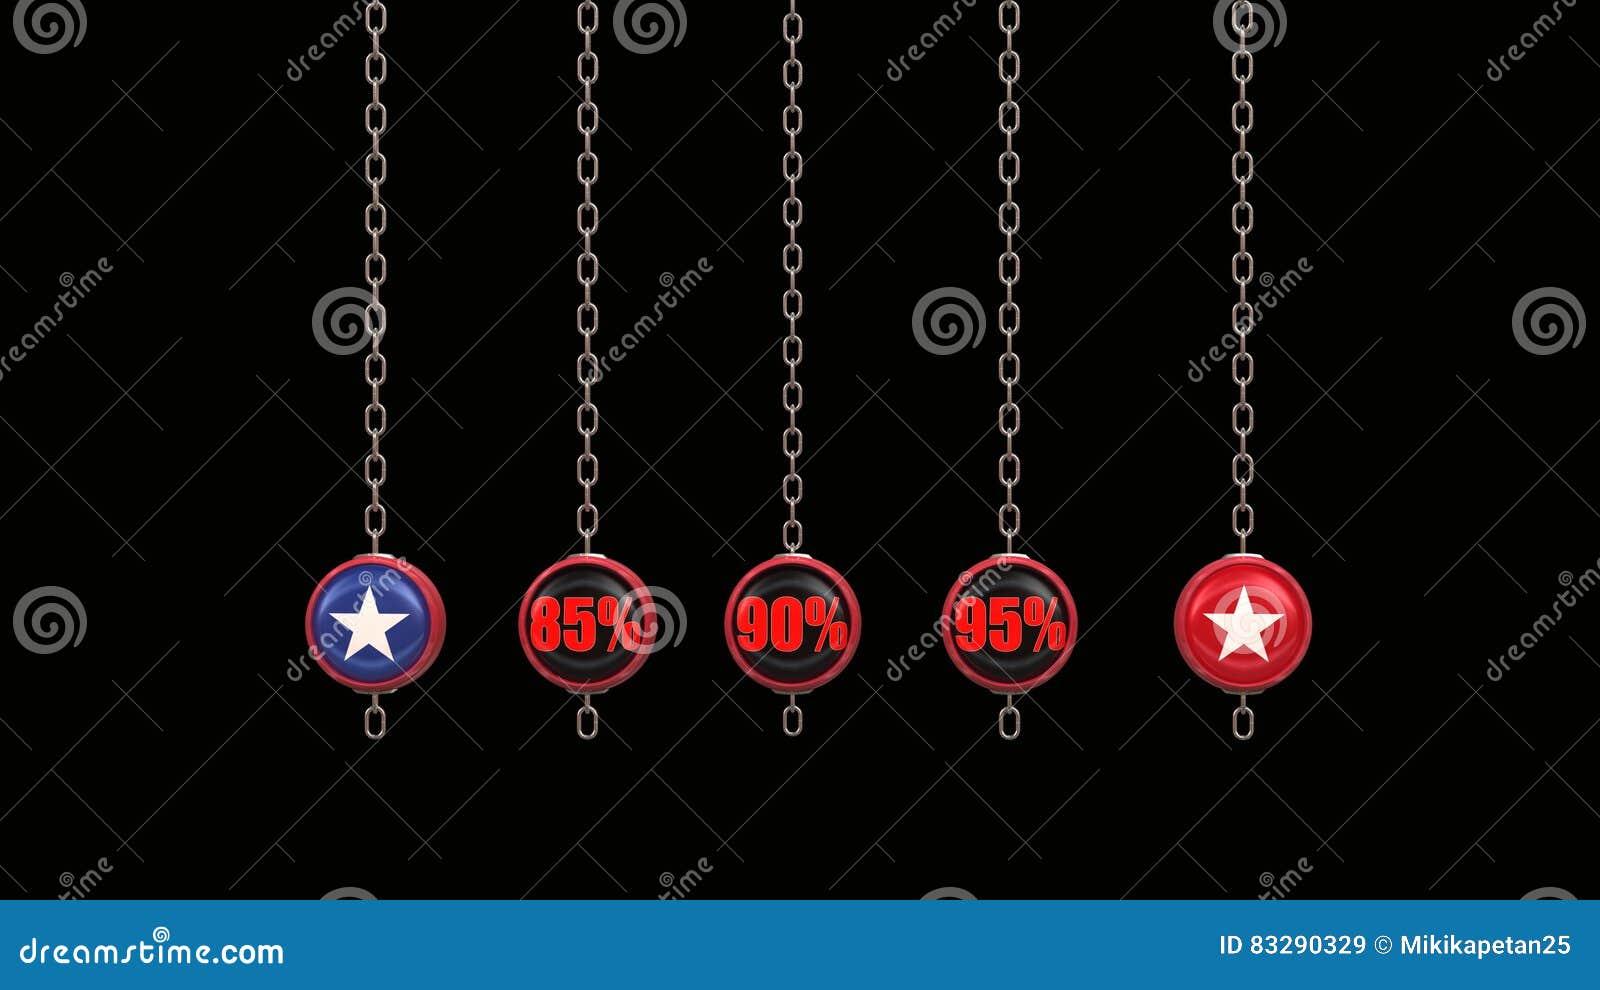 Percentage Numbers Series 3d render